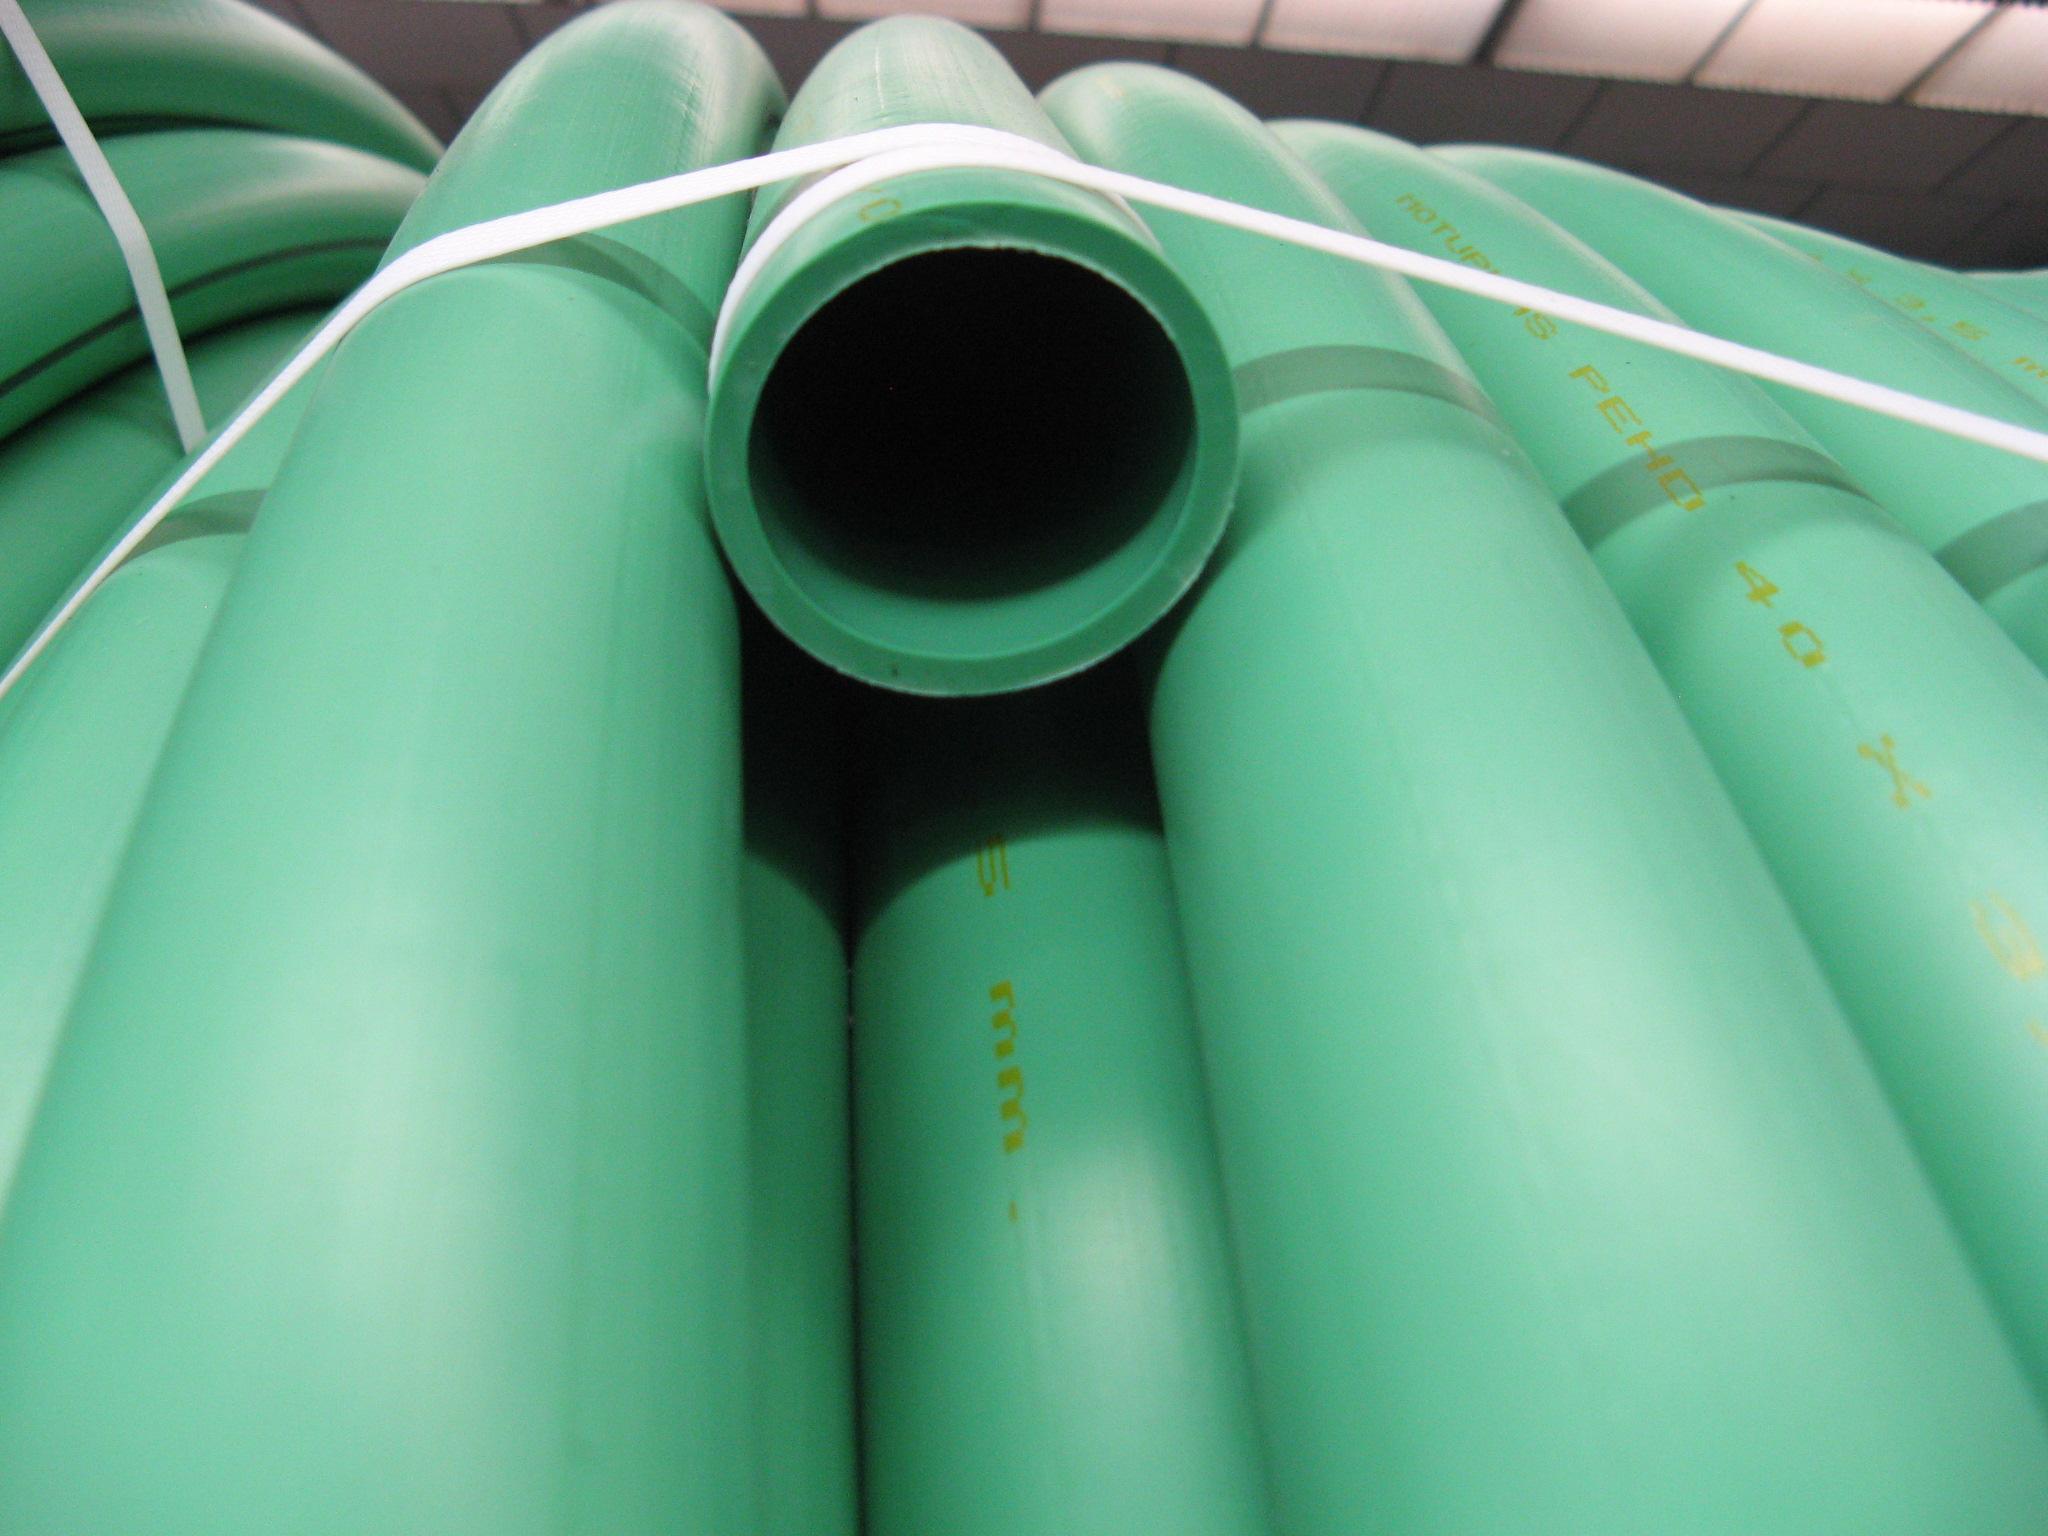 Tubo de polietileno de baja densidad mora tubos - Tubo de polietileno ...